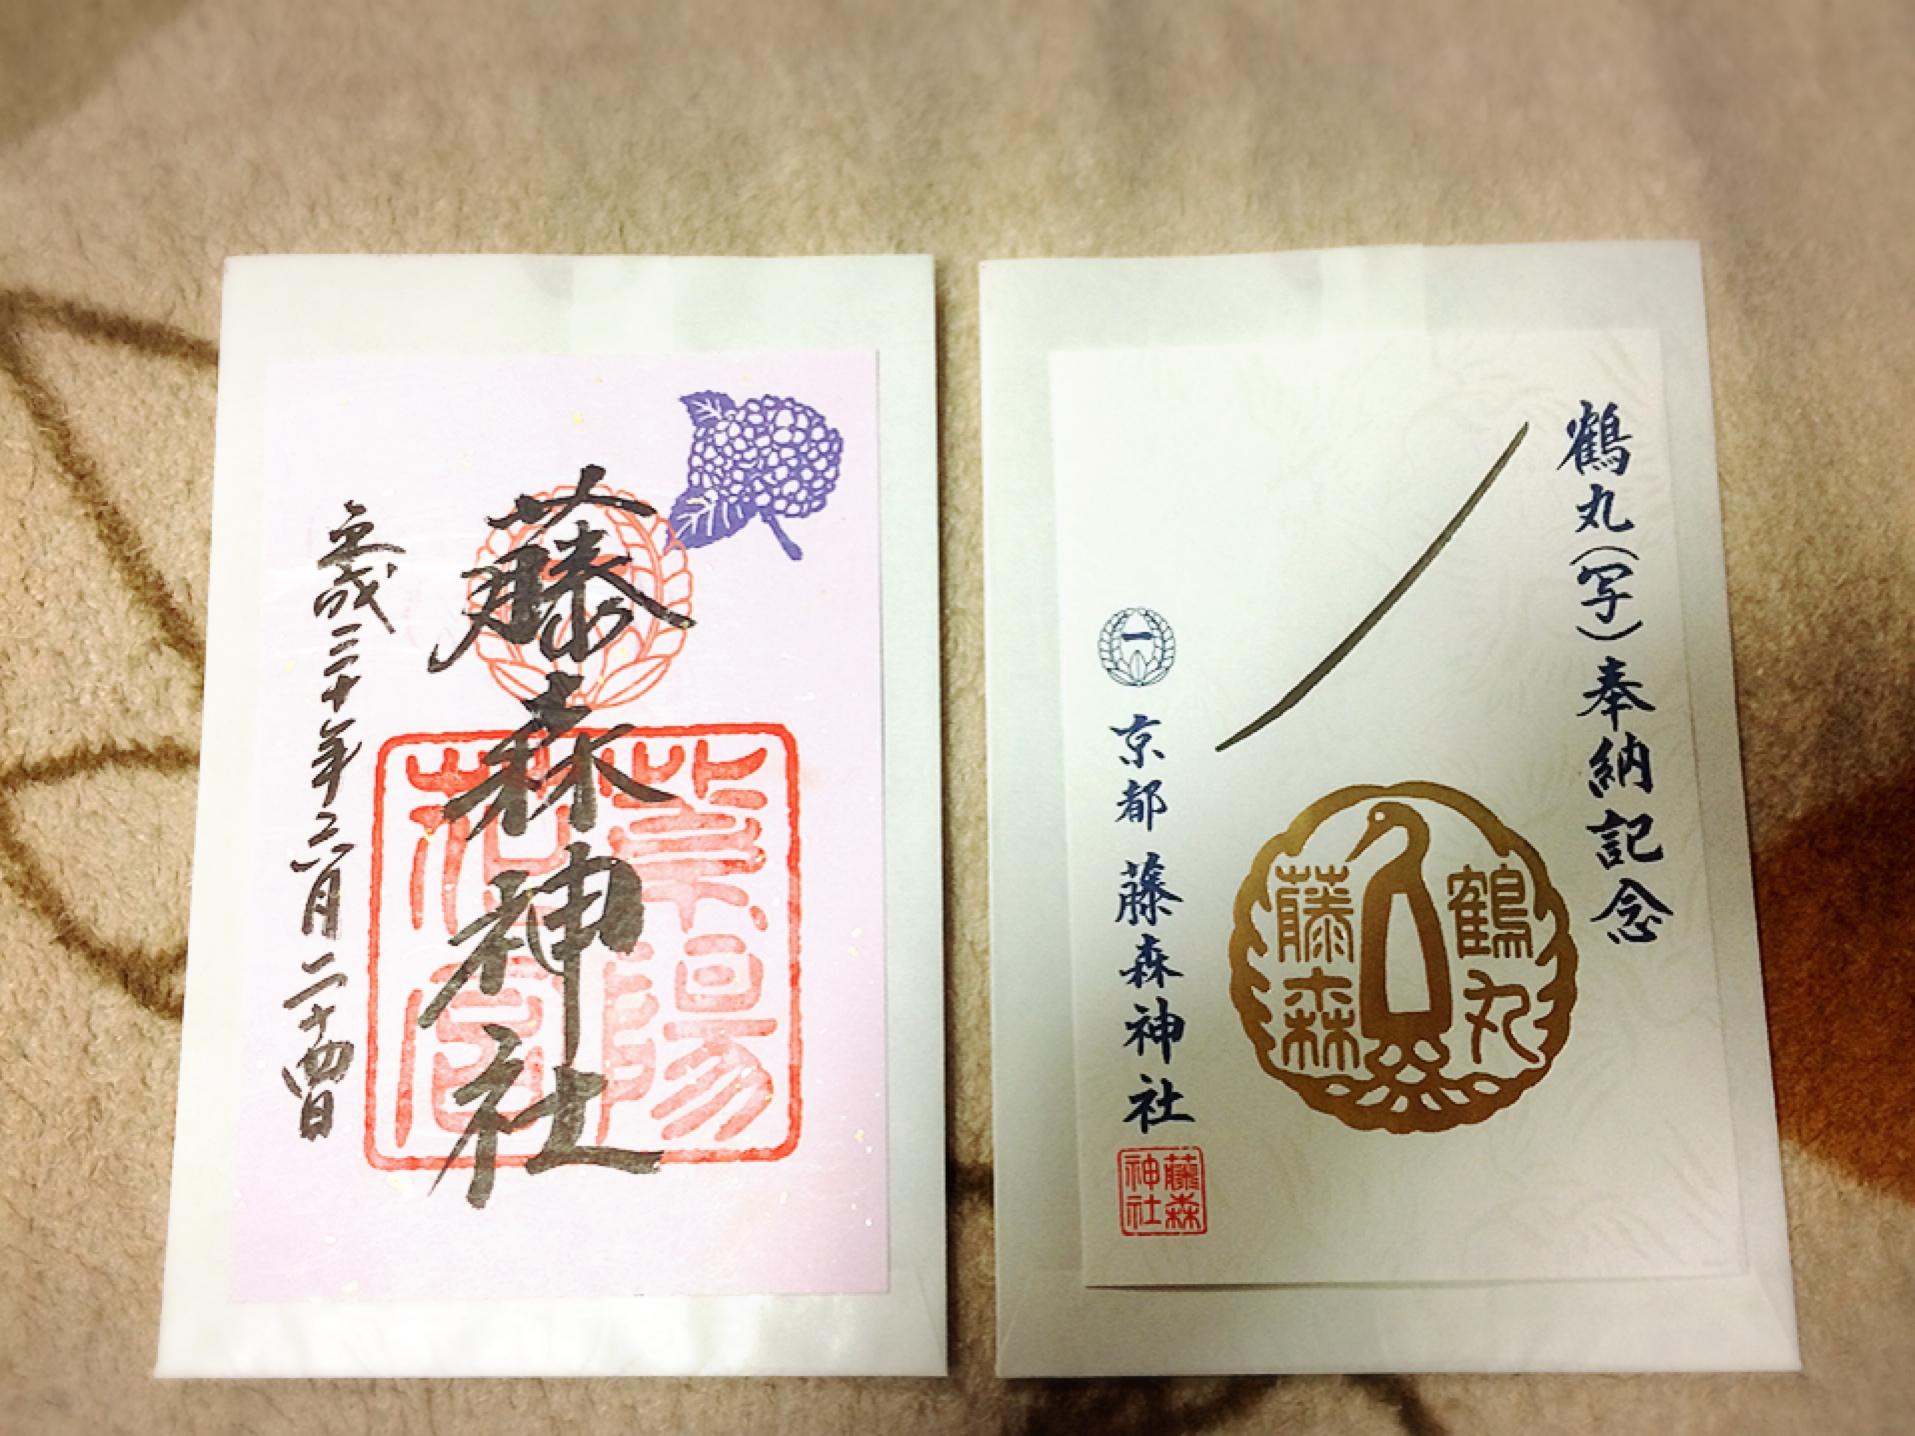 刀女子必見!藤森神社で鶴丸の写しを見に行ってきた話と伊藤軒で限定つるラテを頂いた話